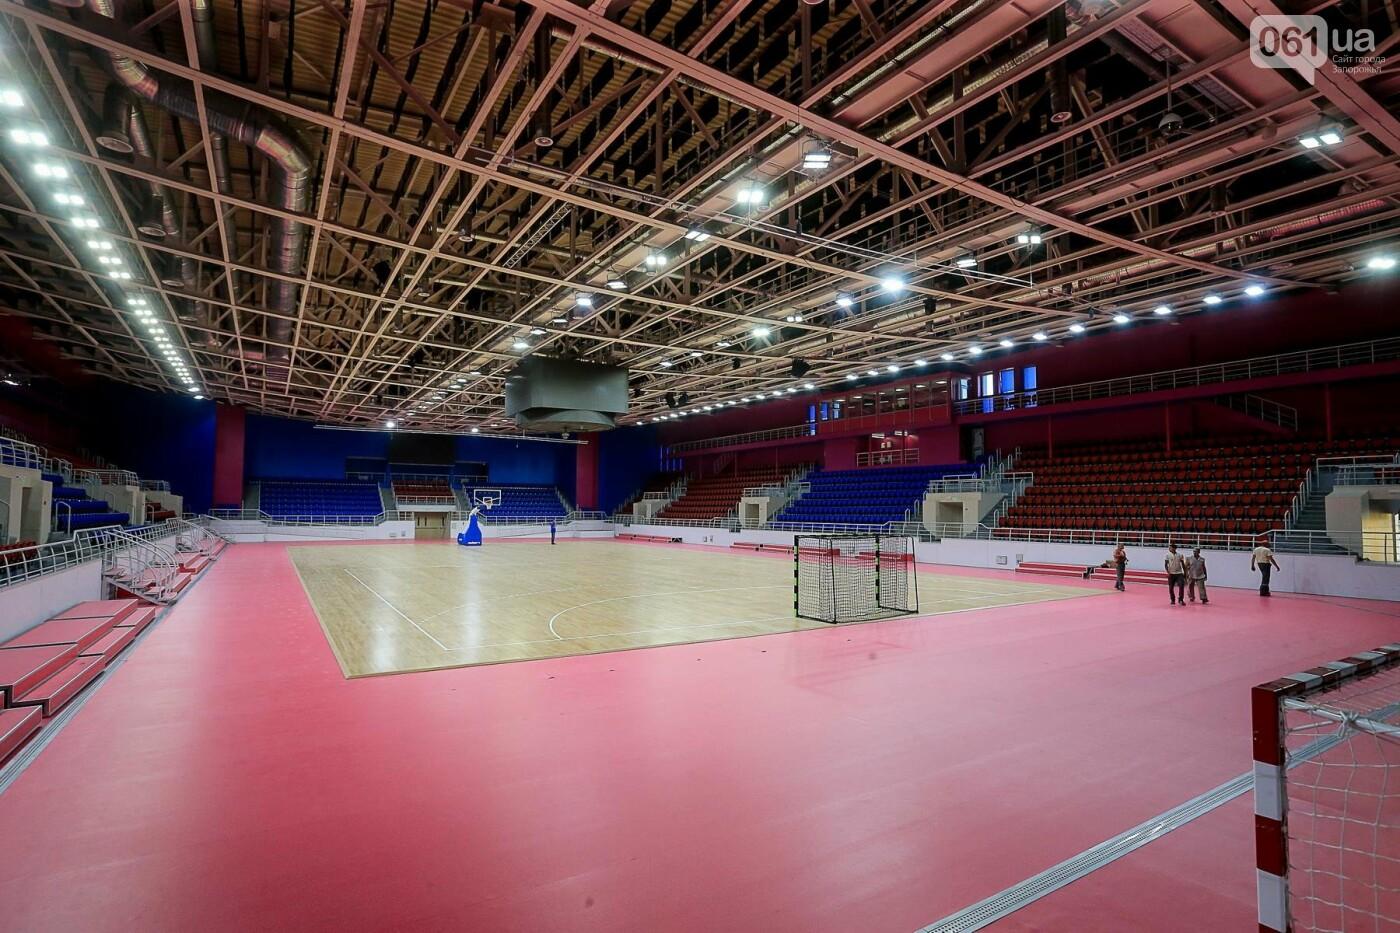 Представители Европейской гандбольной федерации проинспектировали запорожскую «Юность», - ФОТО, фото-2